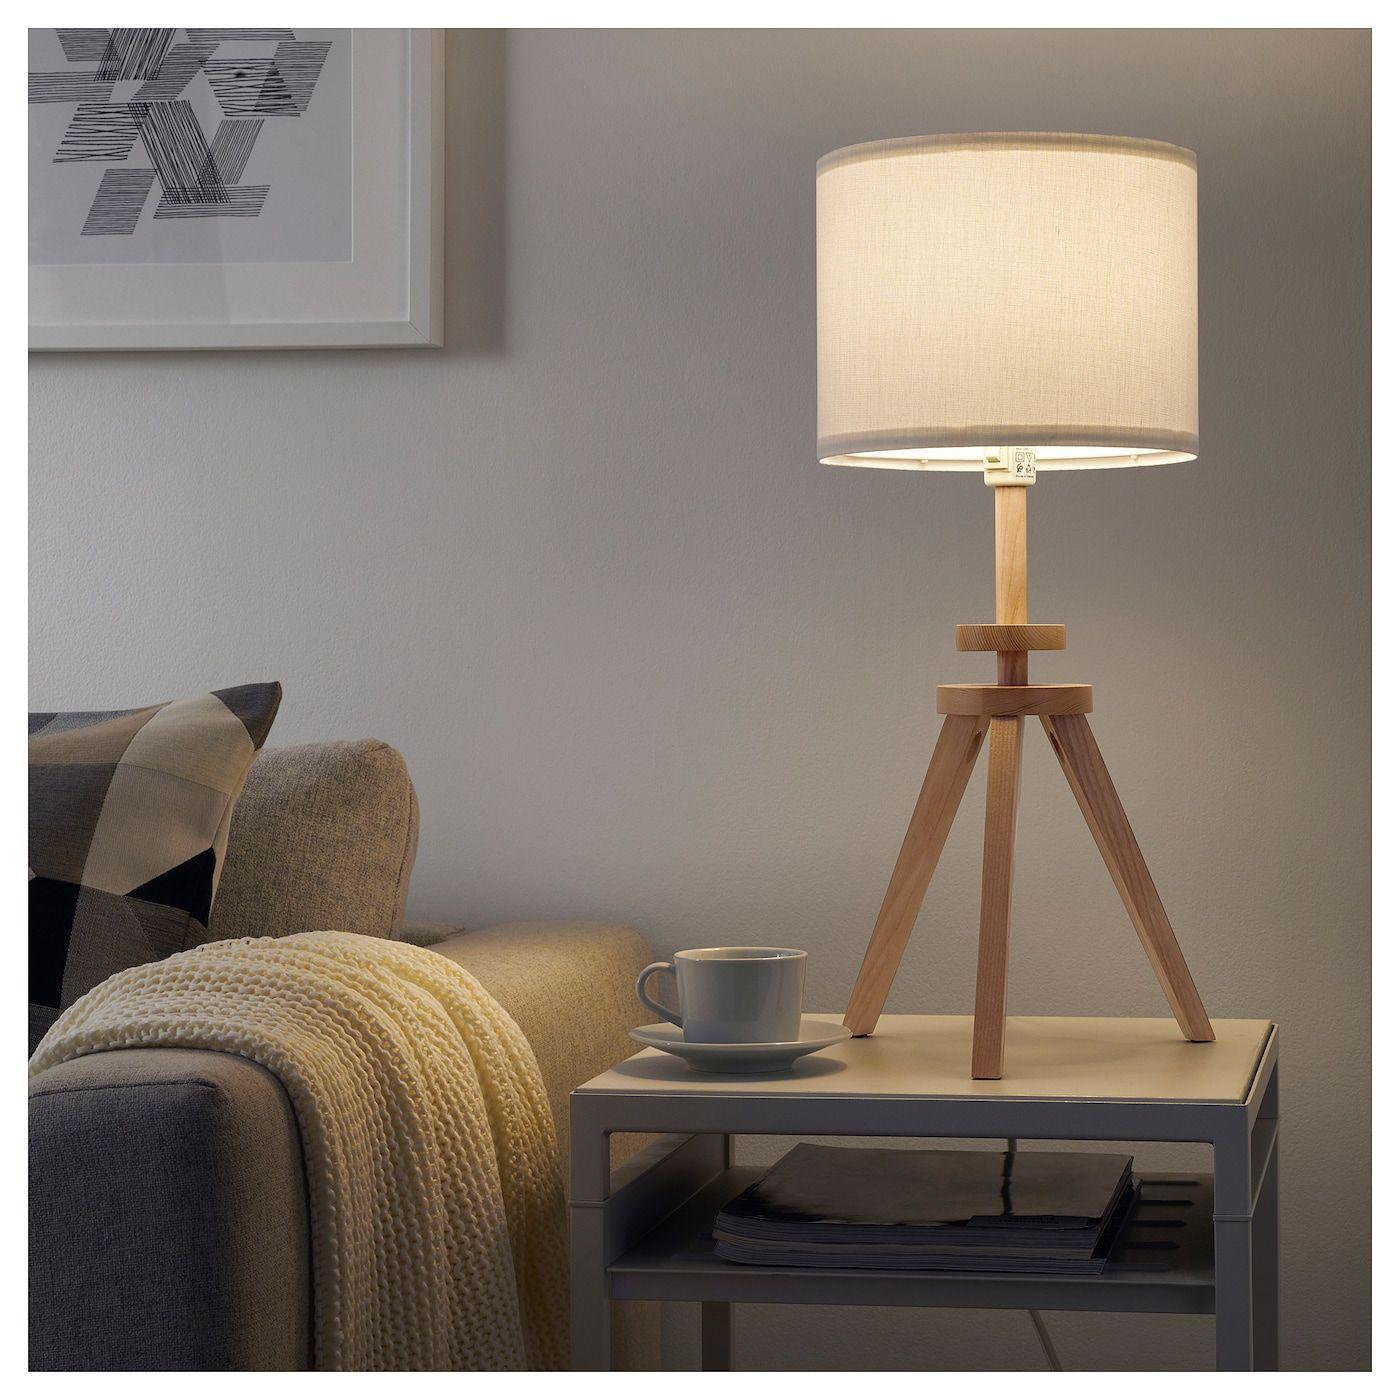 LAUTERS ash, white, Table lamp IKEA | Ikea table lamp